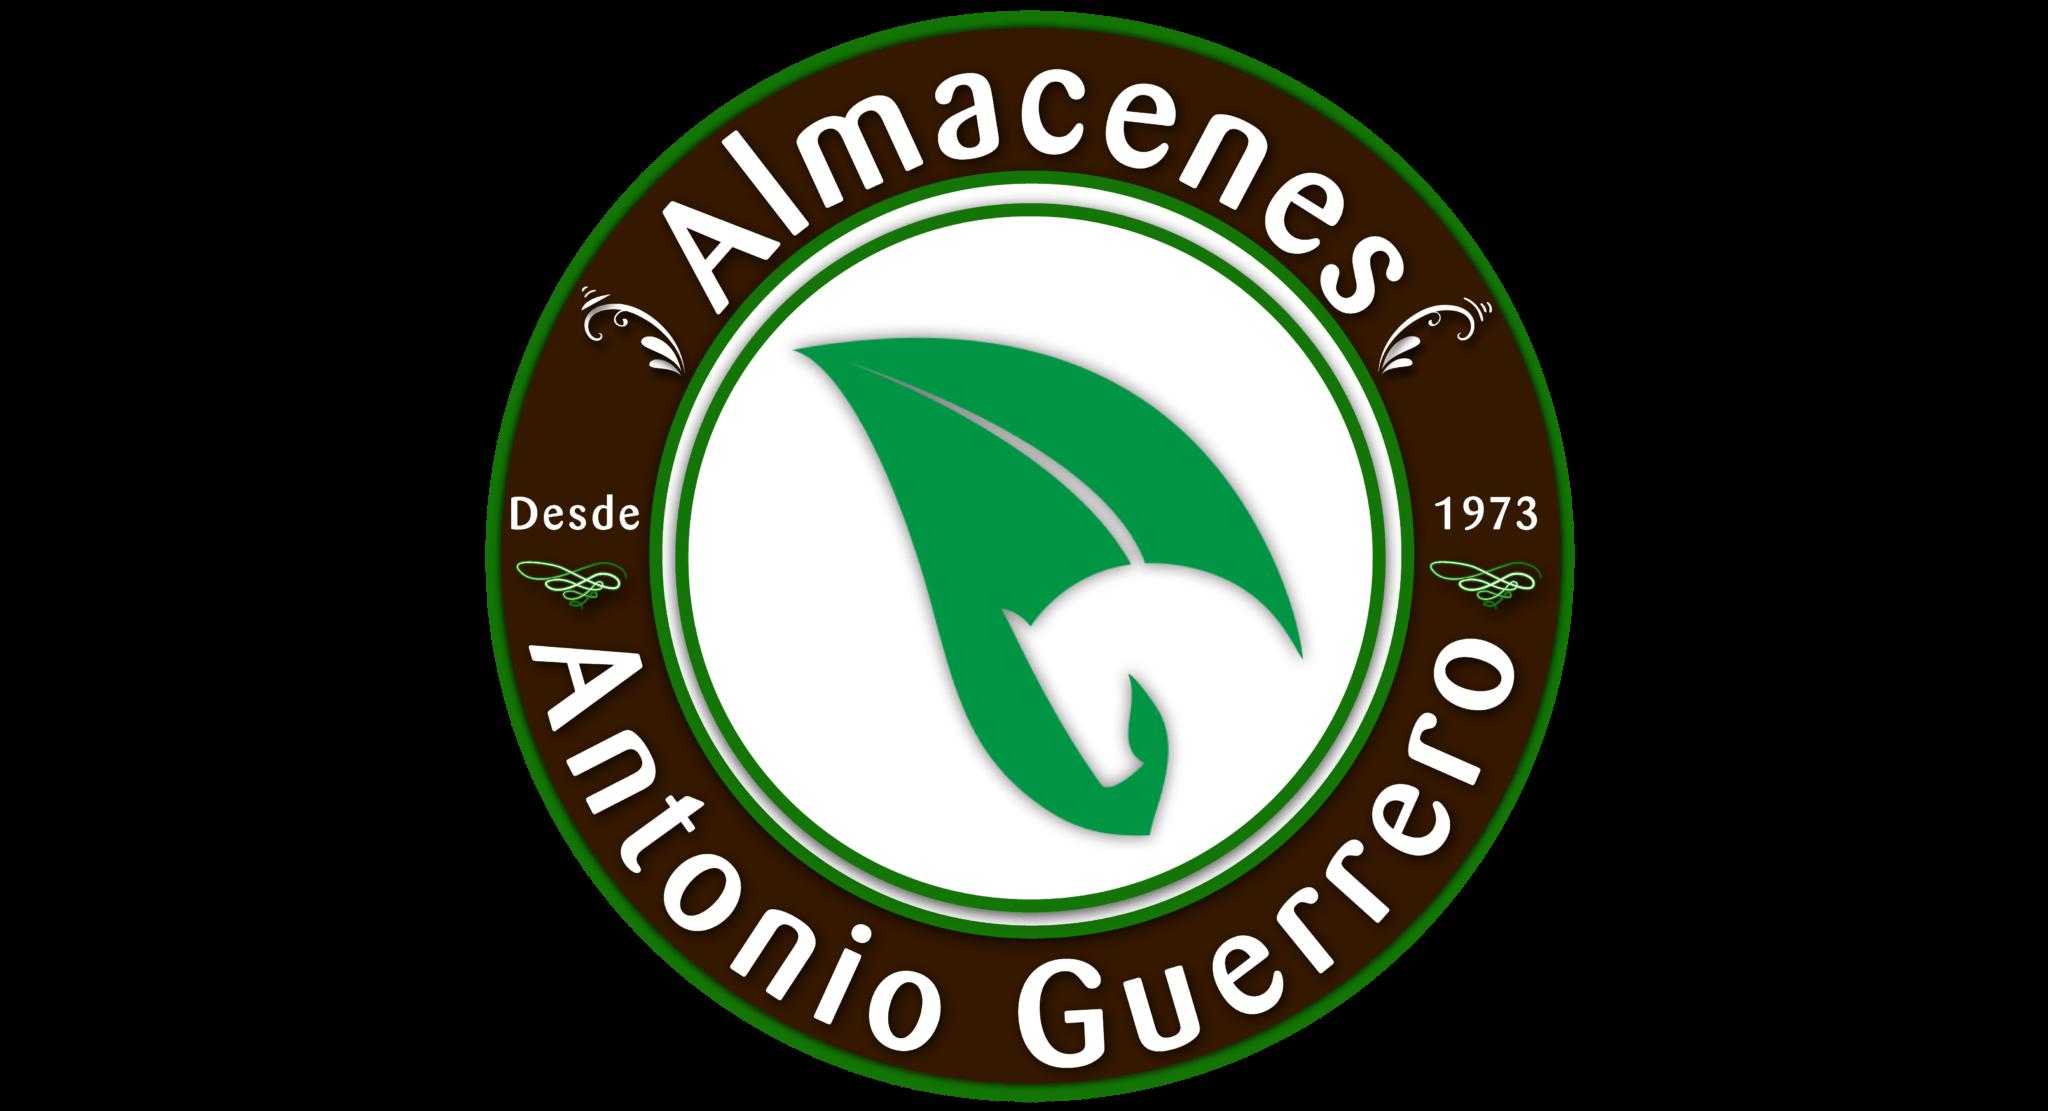 Agricultura y Ganadería - Almacenes Antonio Guerrero